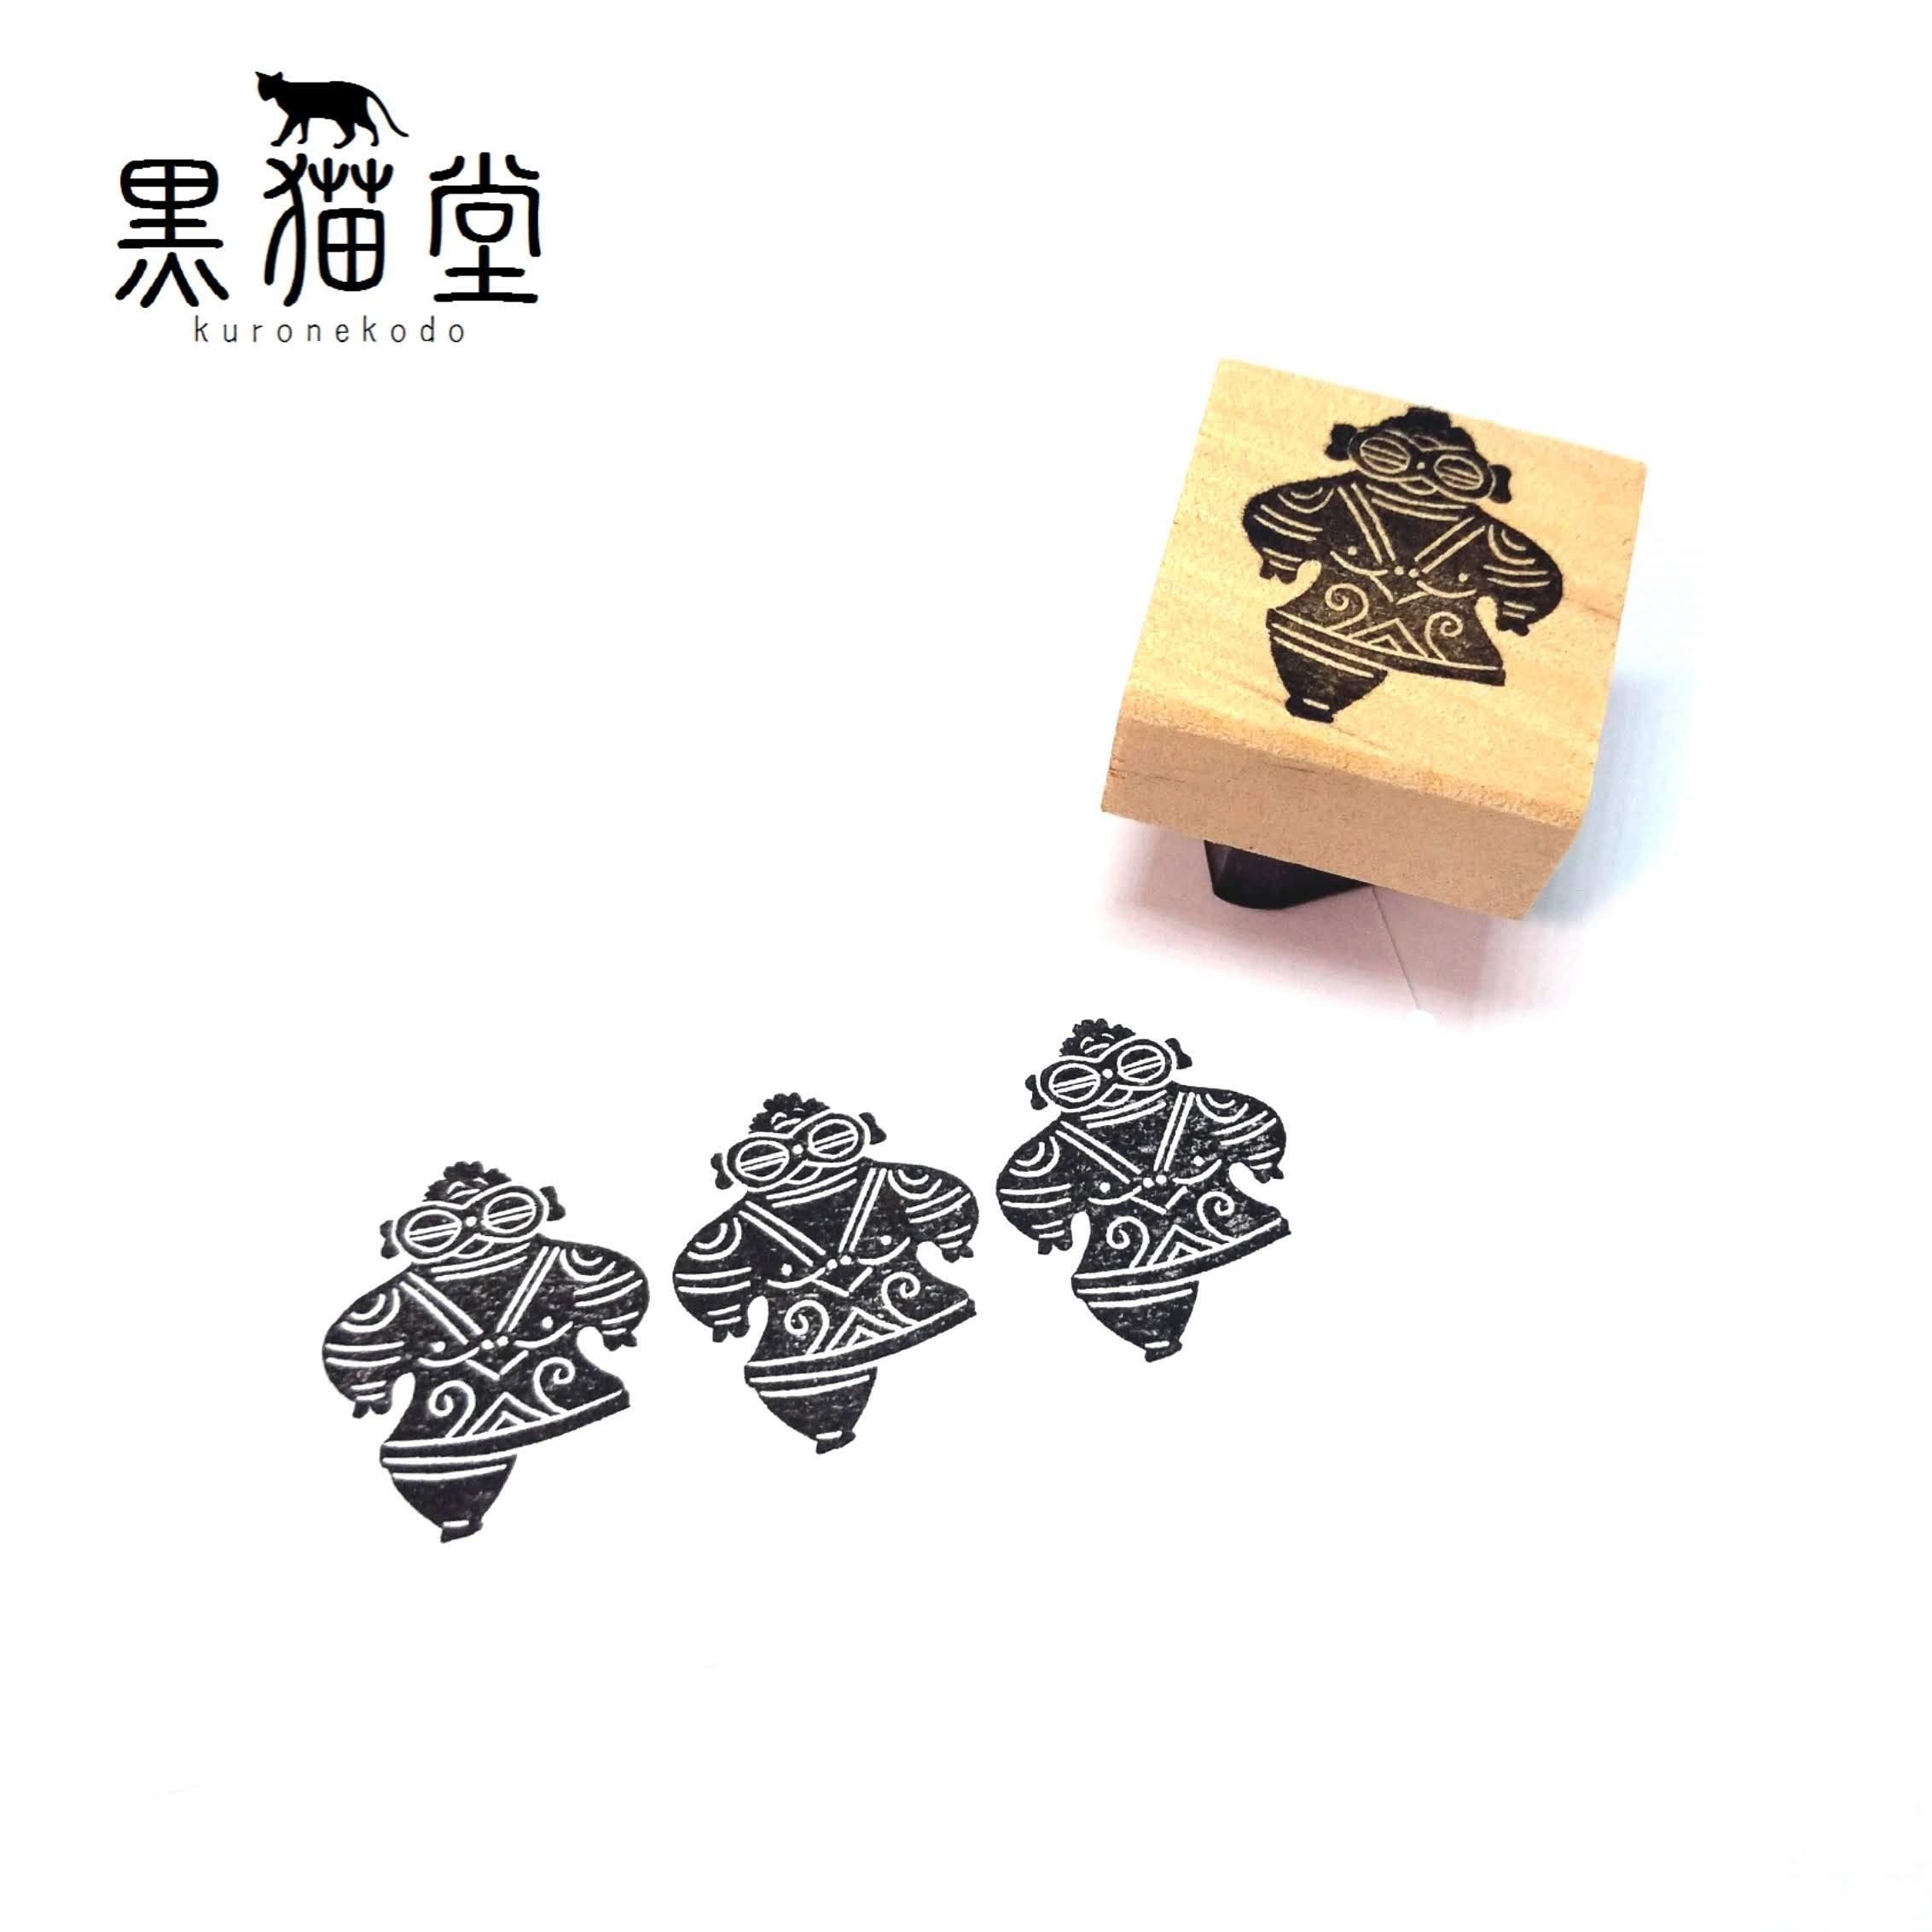 遮光器土偶(中・片足)